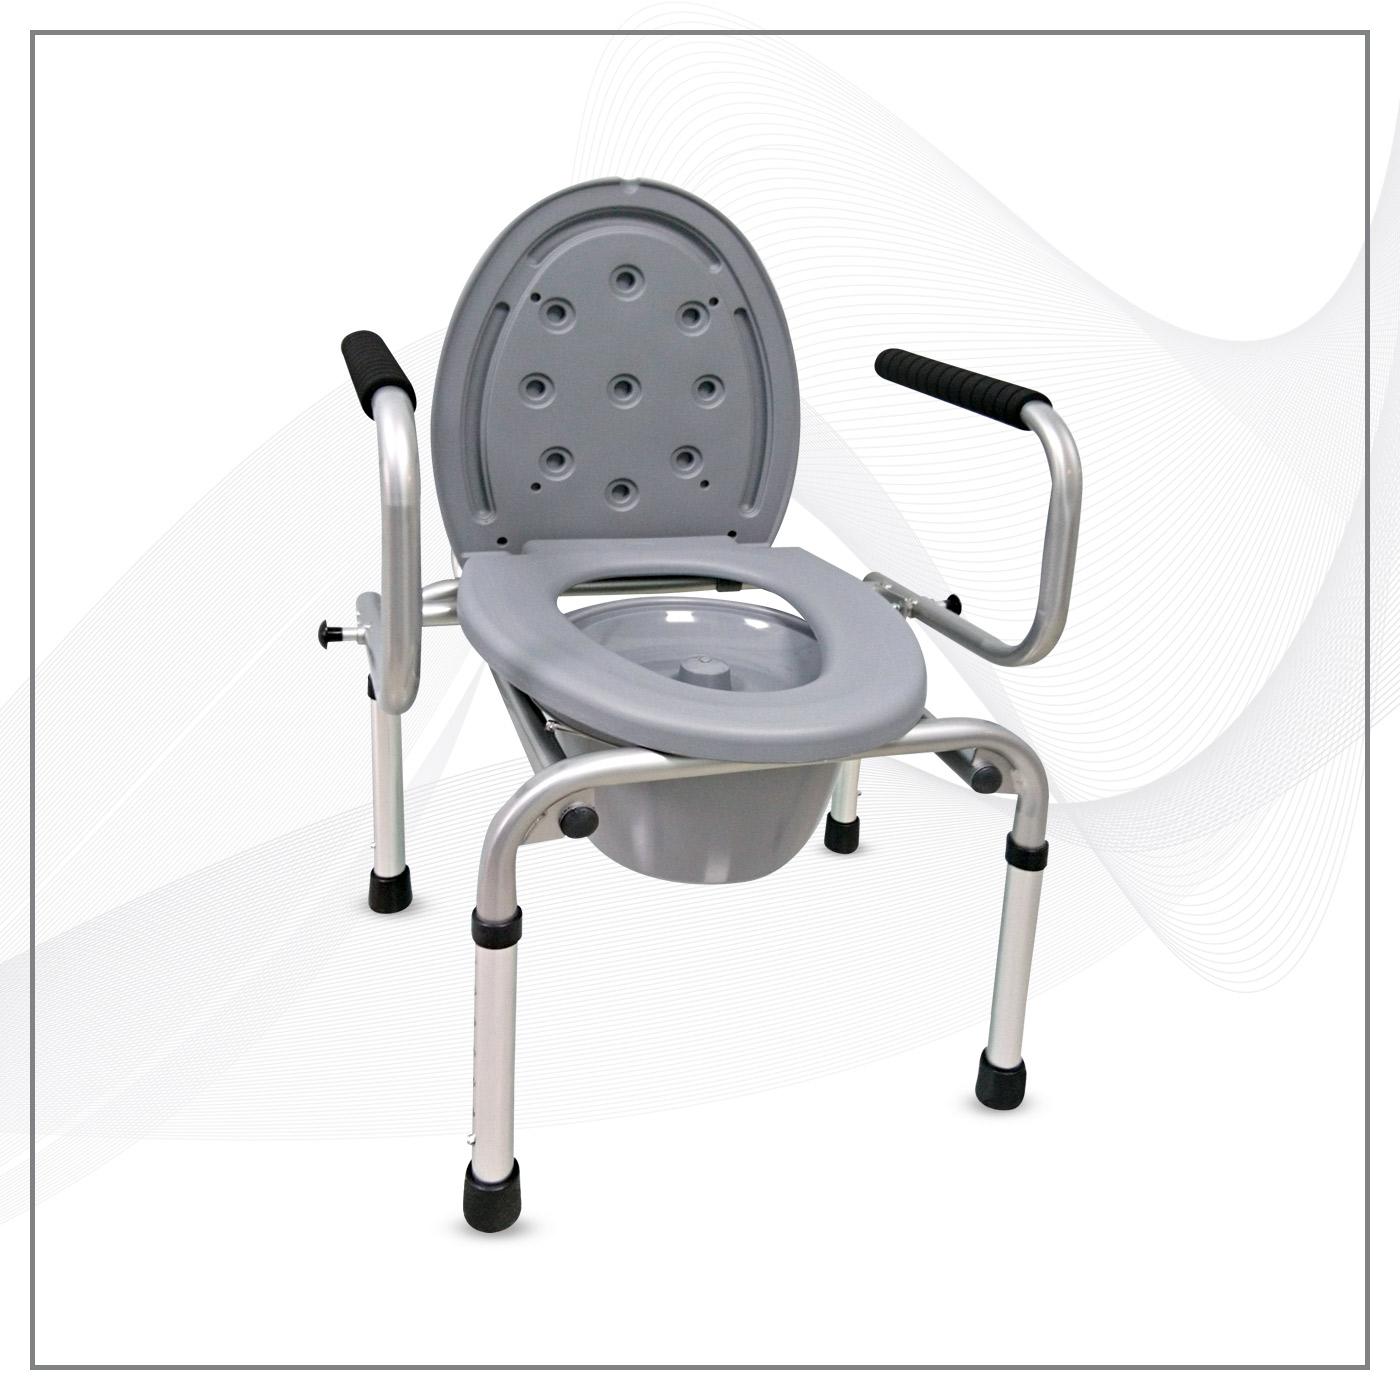 bc Tıp Sağlık Tekerlekli Sandalye ve Oturaklar AL 08-08